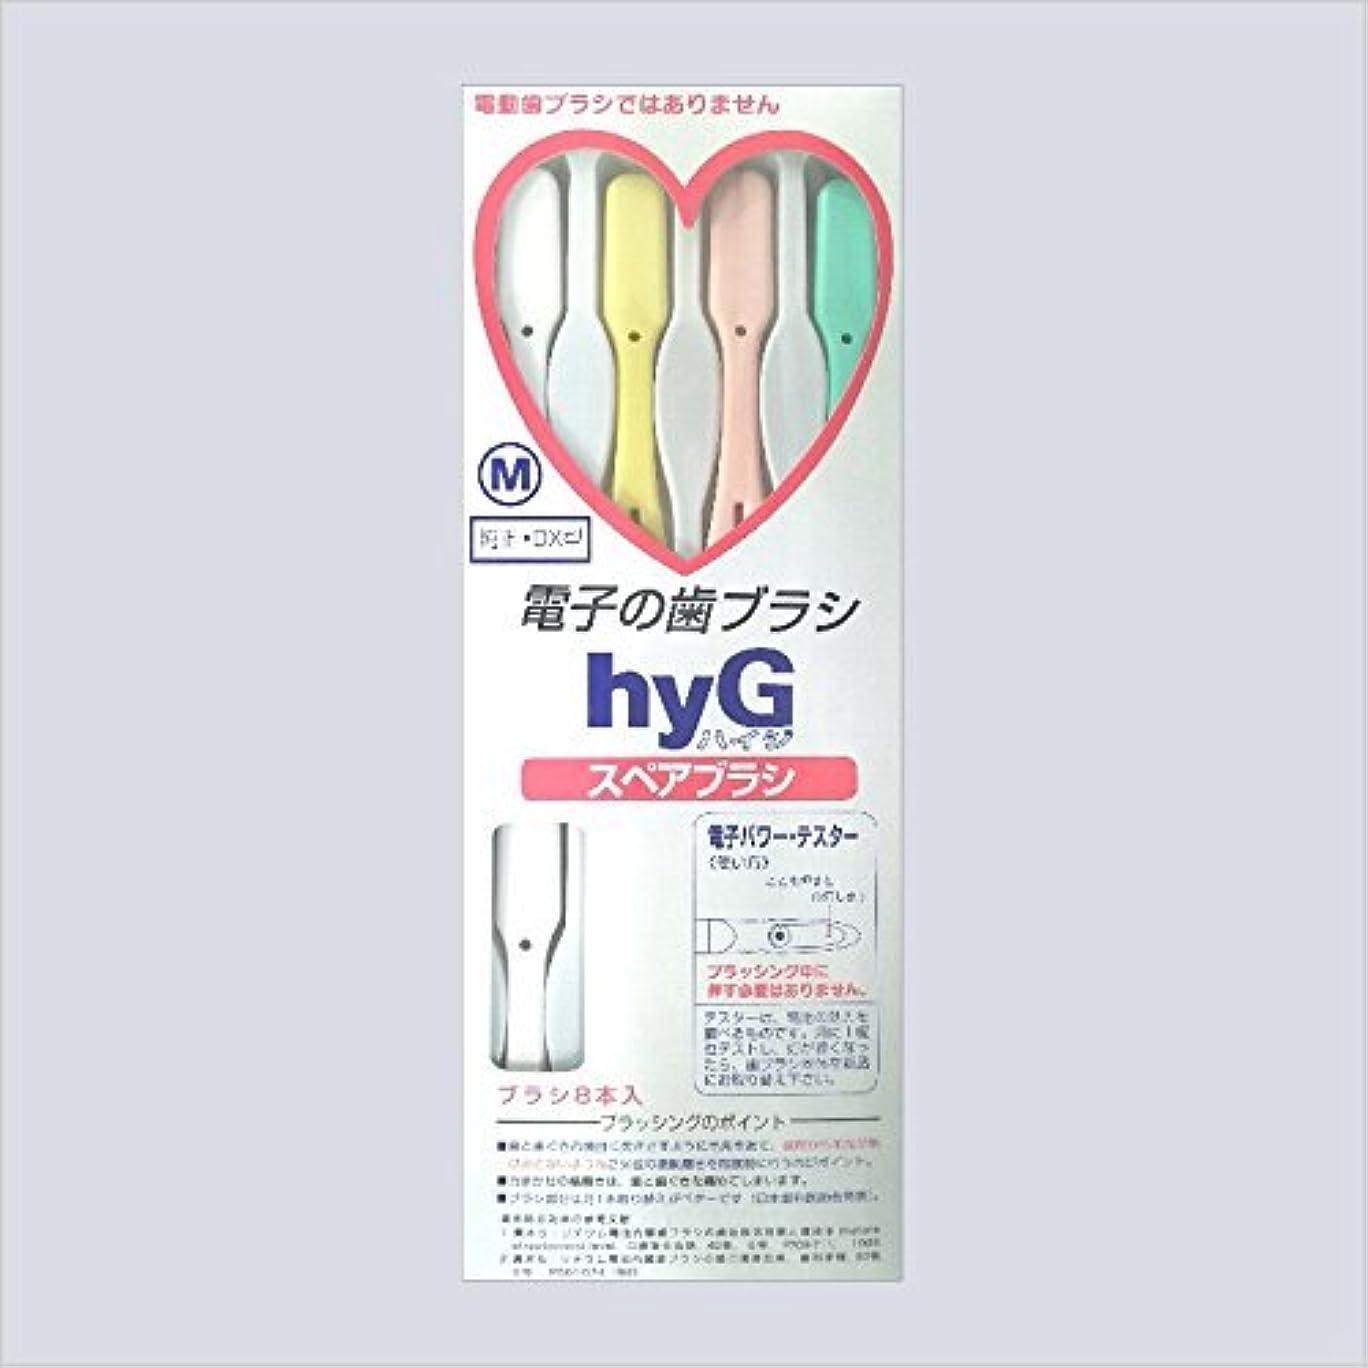 テストスペイン語わざわざ電子の歯ブラシ ハイジ(hyG)?スペアブラシ <ブラシの硬さ:Mふつう> (※こちらは「スペアブラシ」です )?hyG-DX型